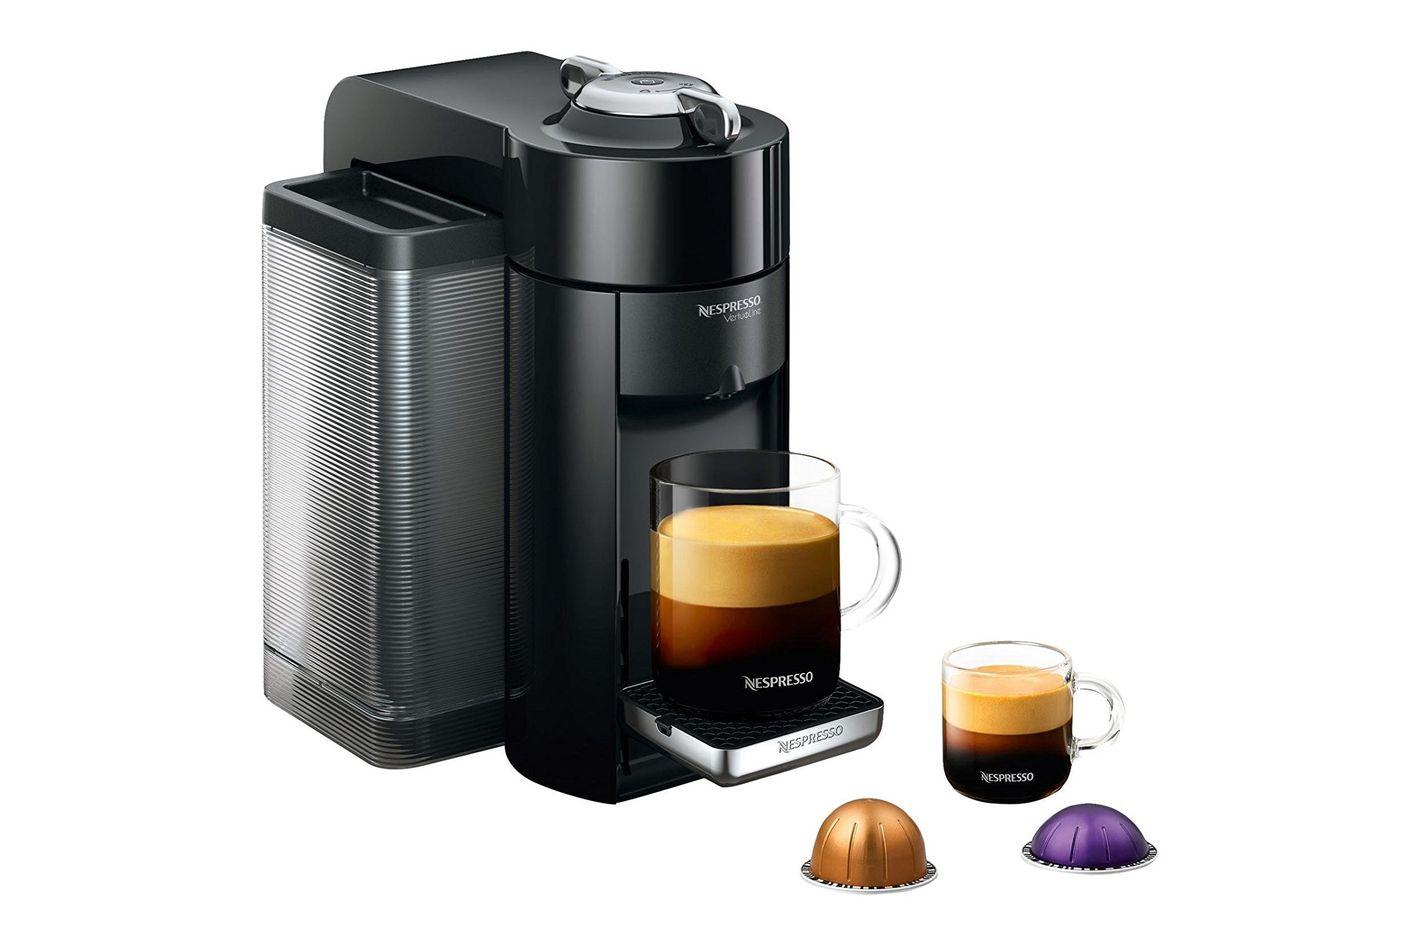 Nespresso GCC1-US-BK-NE VertuoLine Evoluo Coffee and Espresso Maker